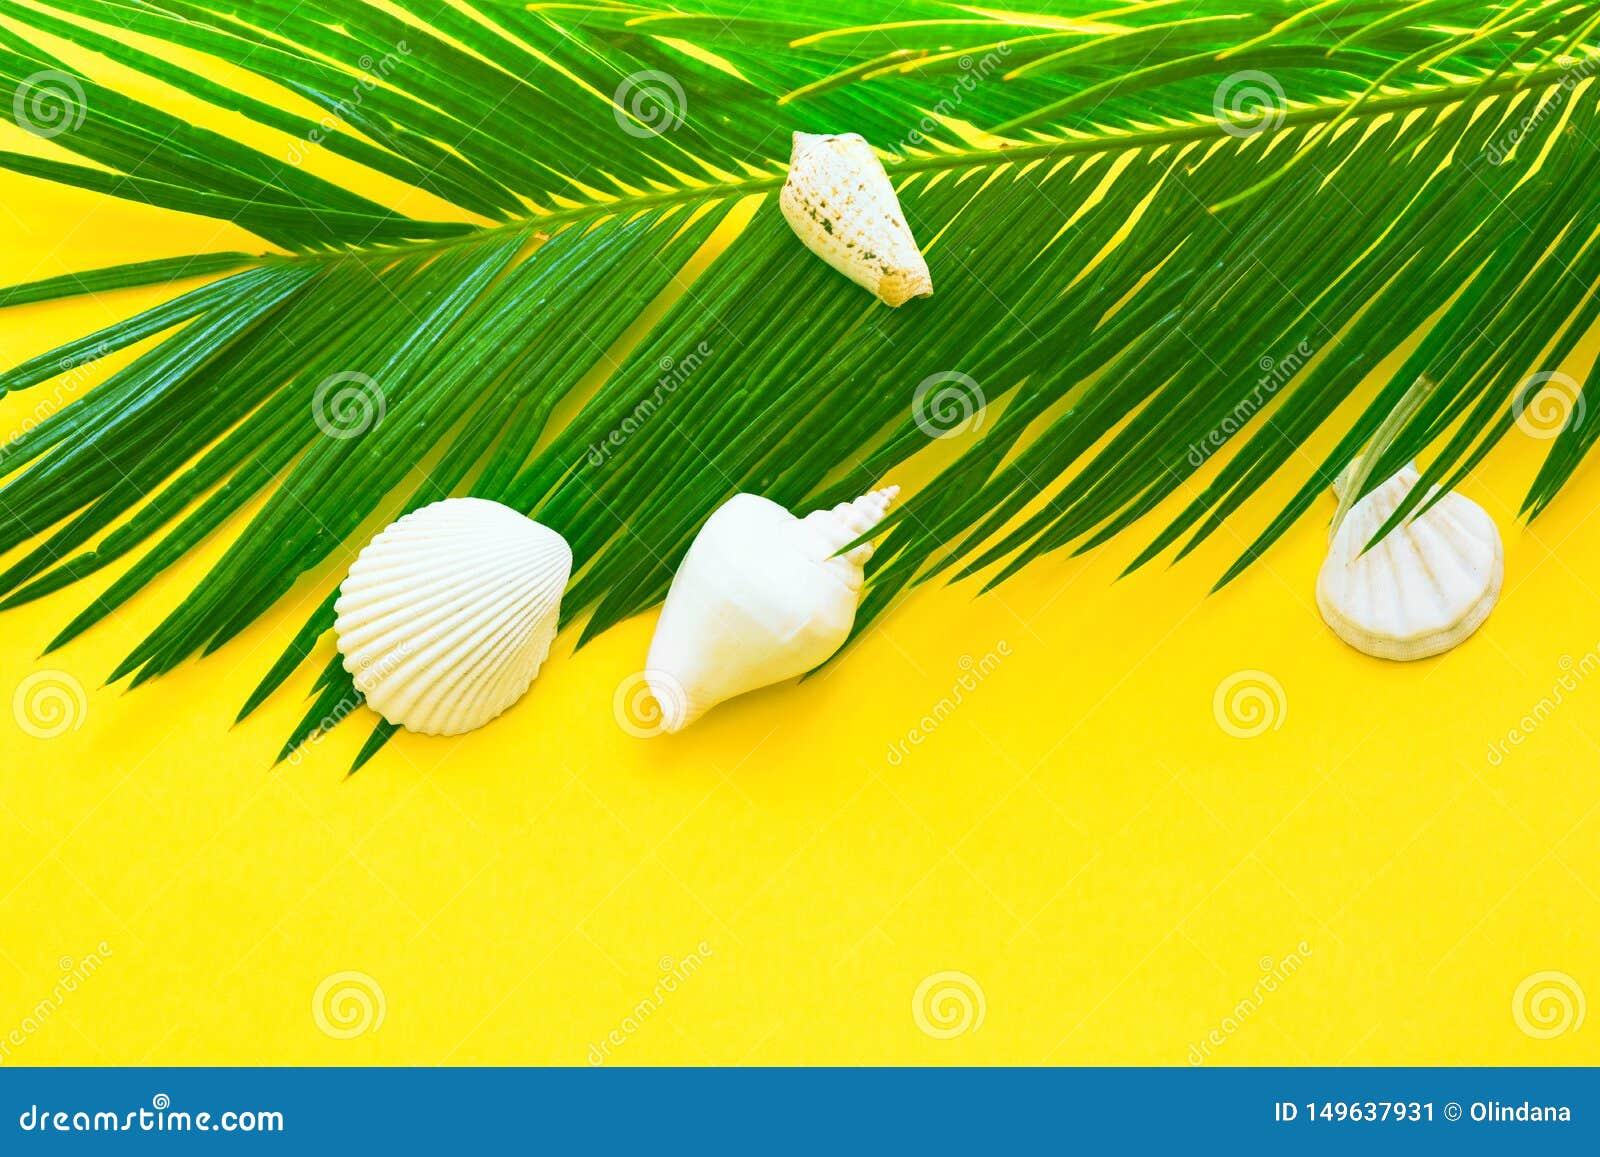 Härliga fjäderlika gröna skal för vitt hav för palmblad på gul väggbakgrund Tropiskt nautiskt idérikt begrepp för sommar